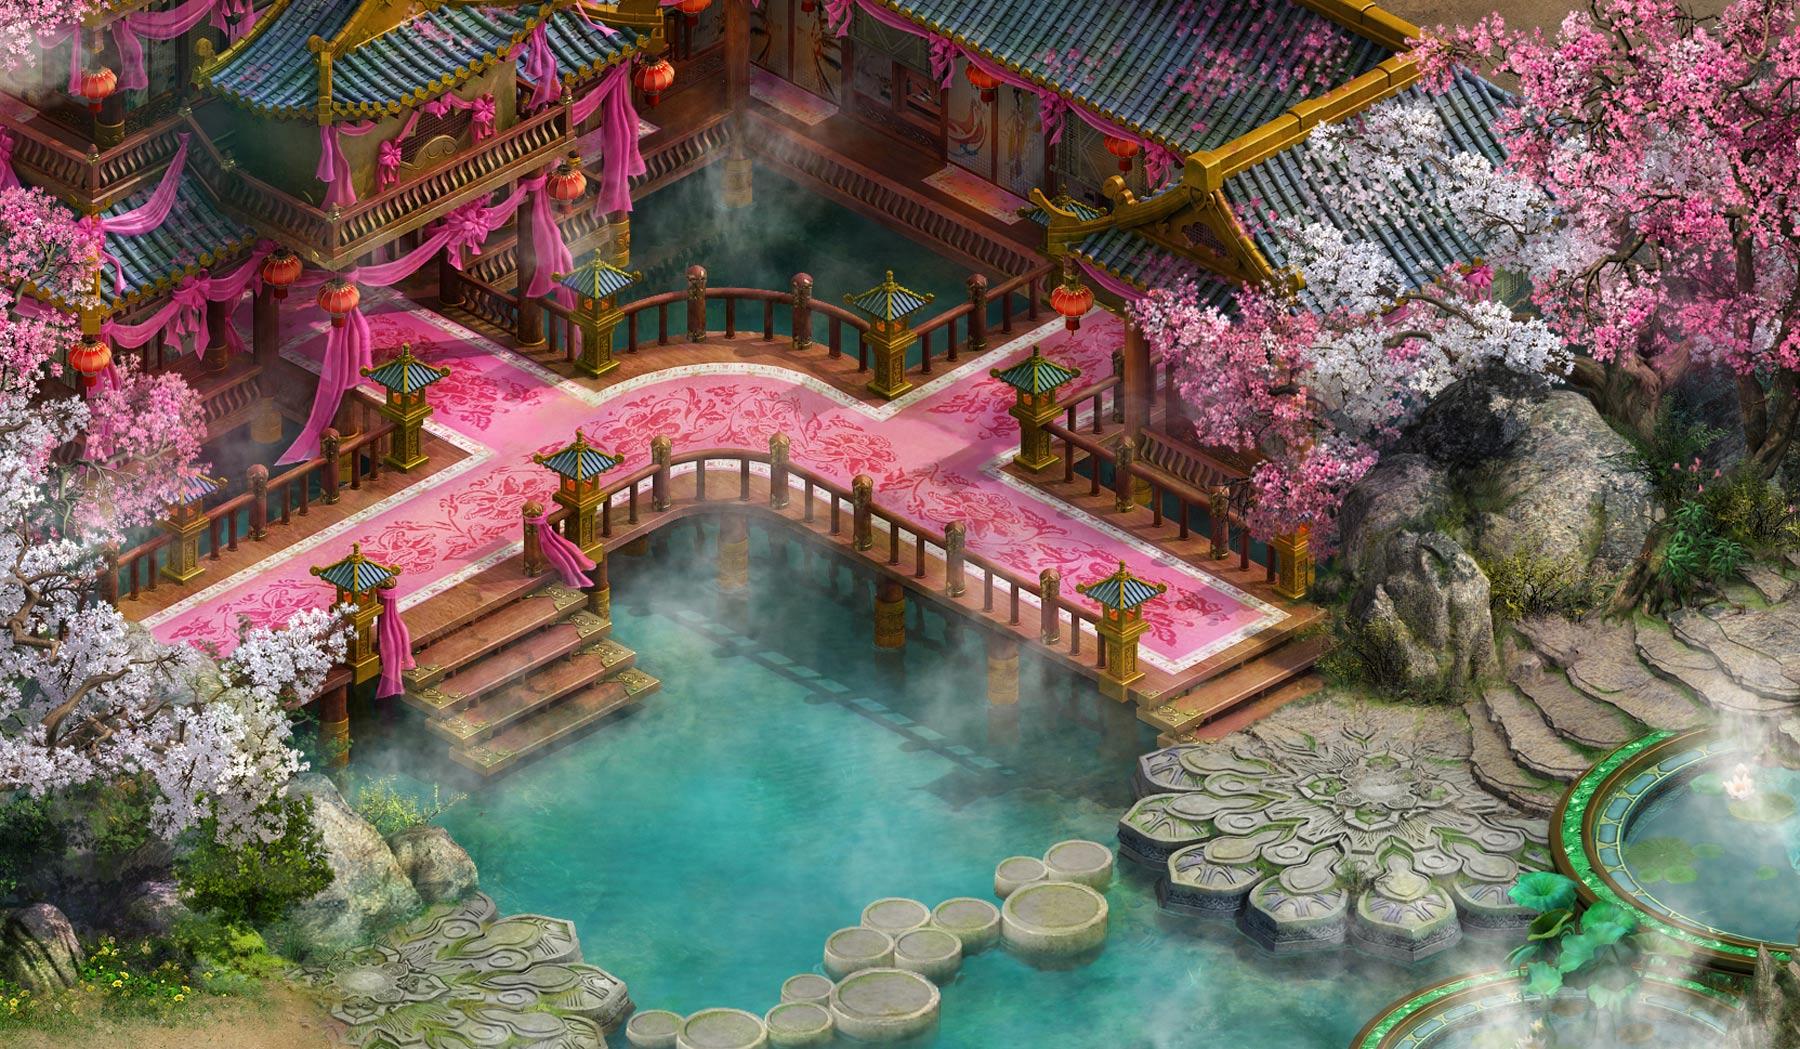 欣赏 《暗黑西游记》/《暗黑西游记 》游侠专题站:http://web.ali213.net/webgame/...